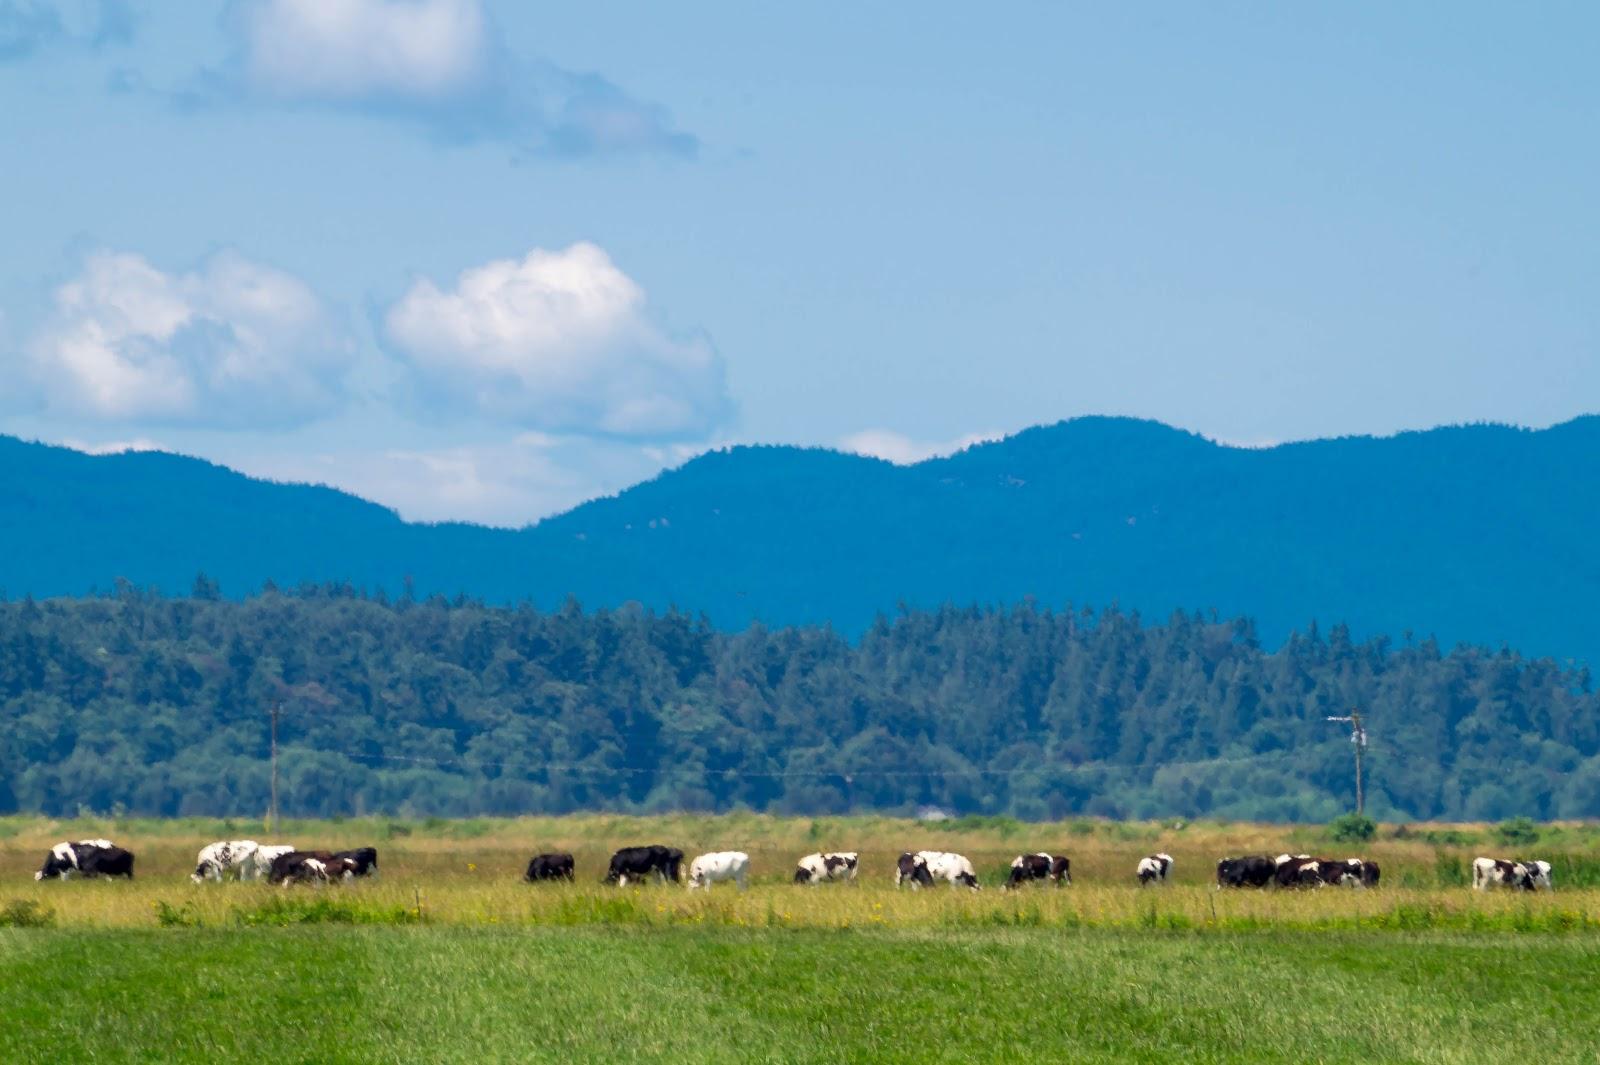 И коровы мирно пасутся на фоне голубых гор.